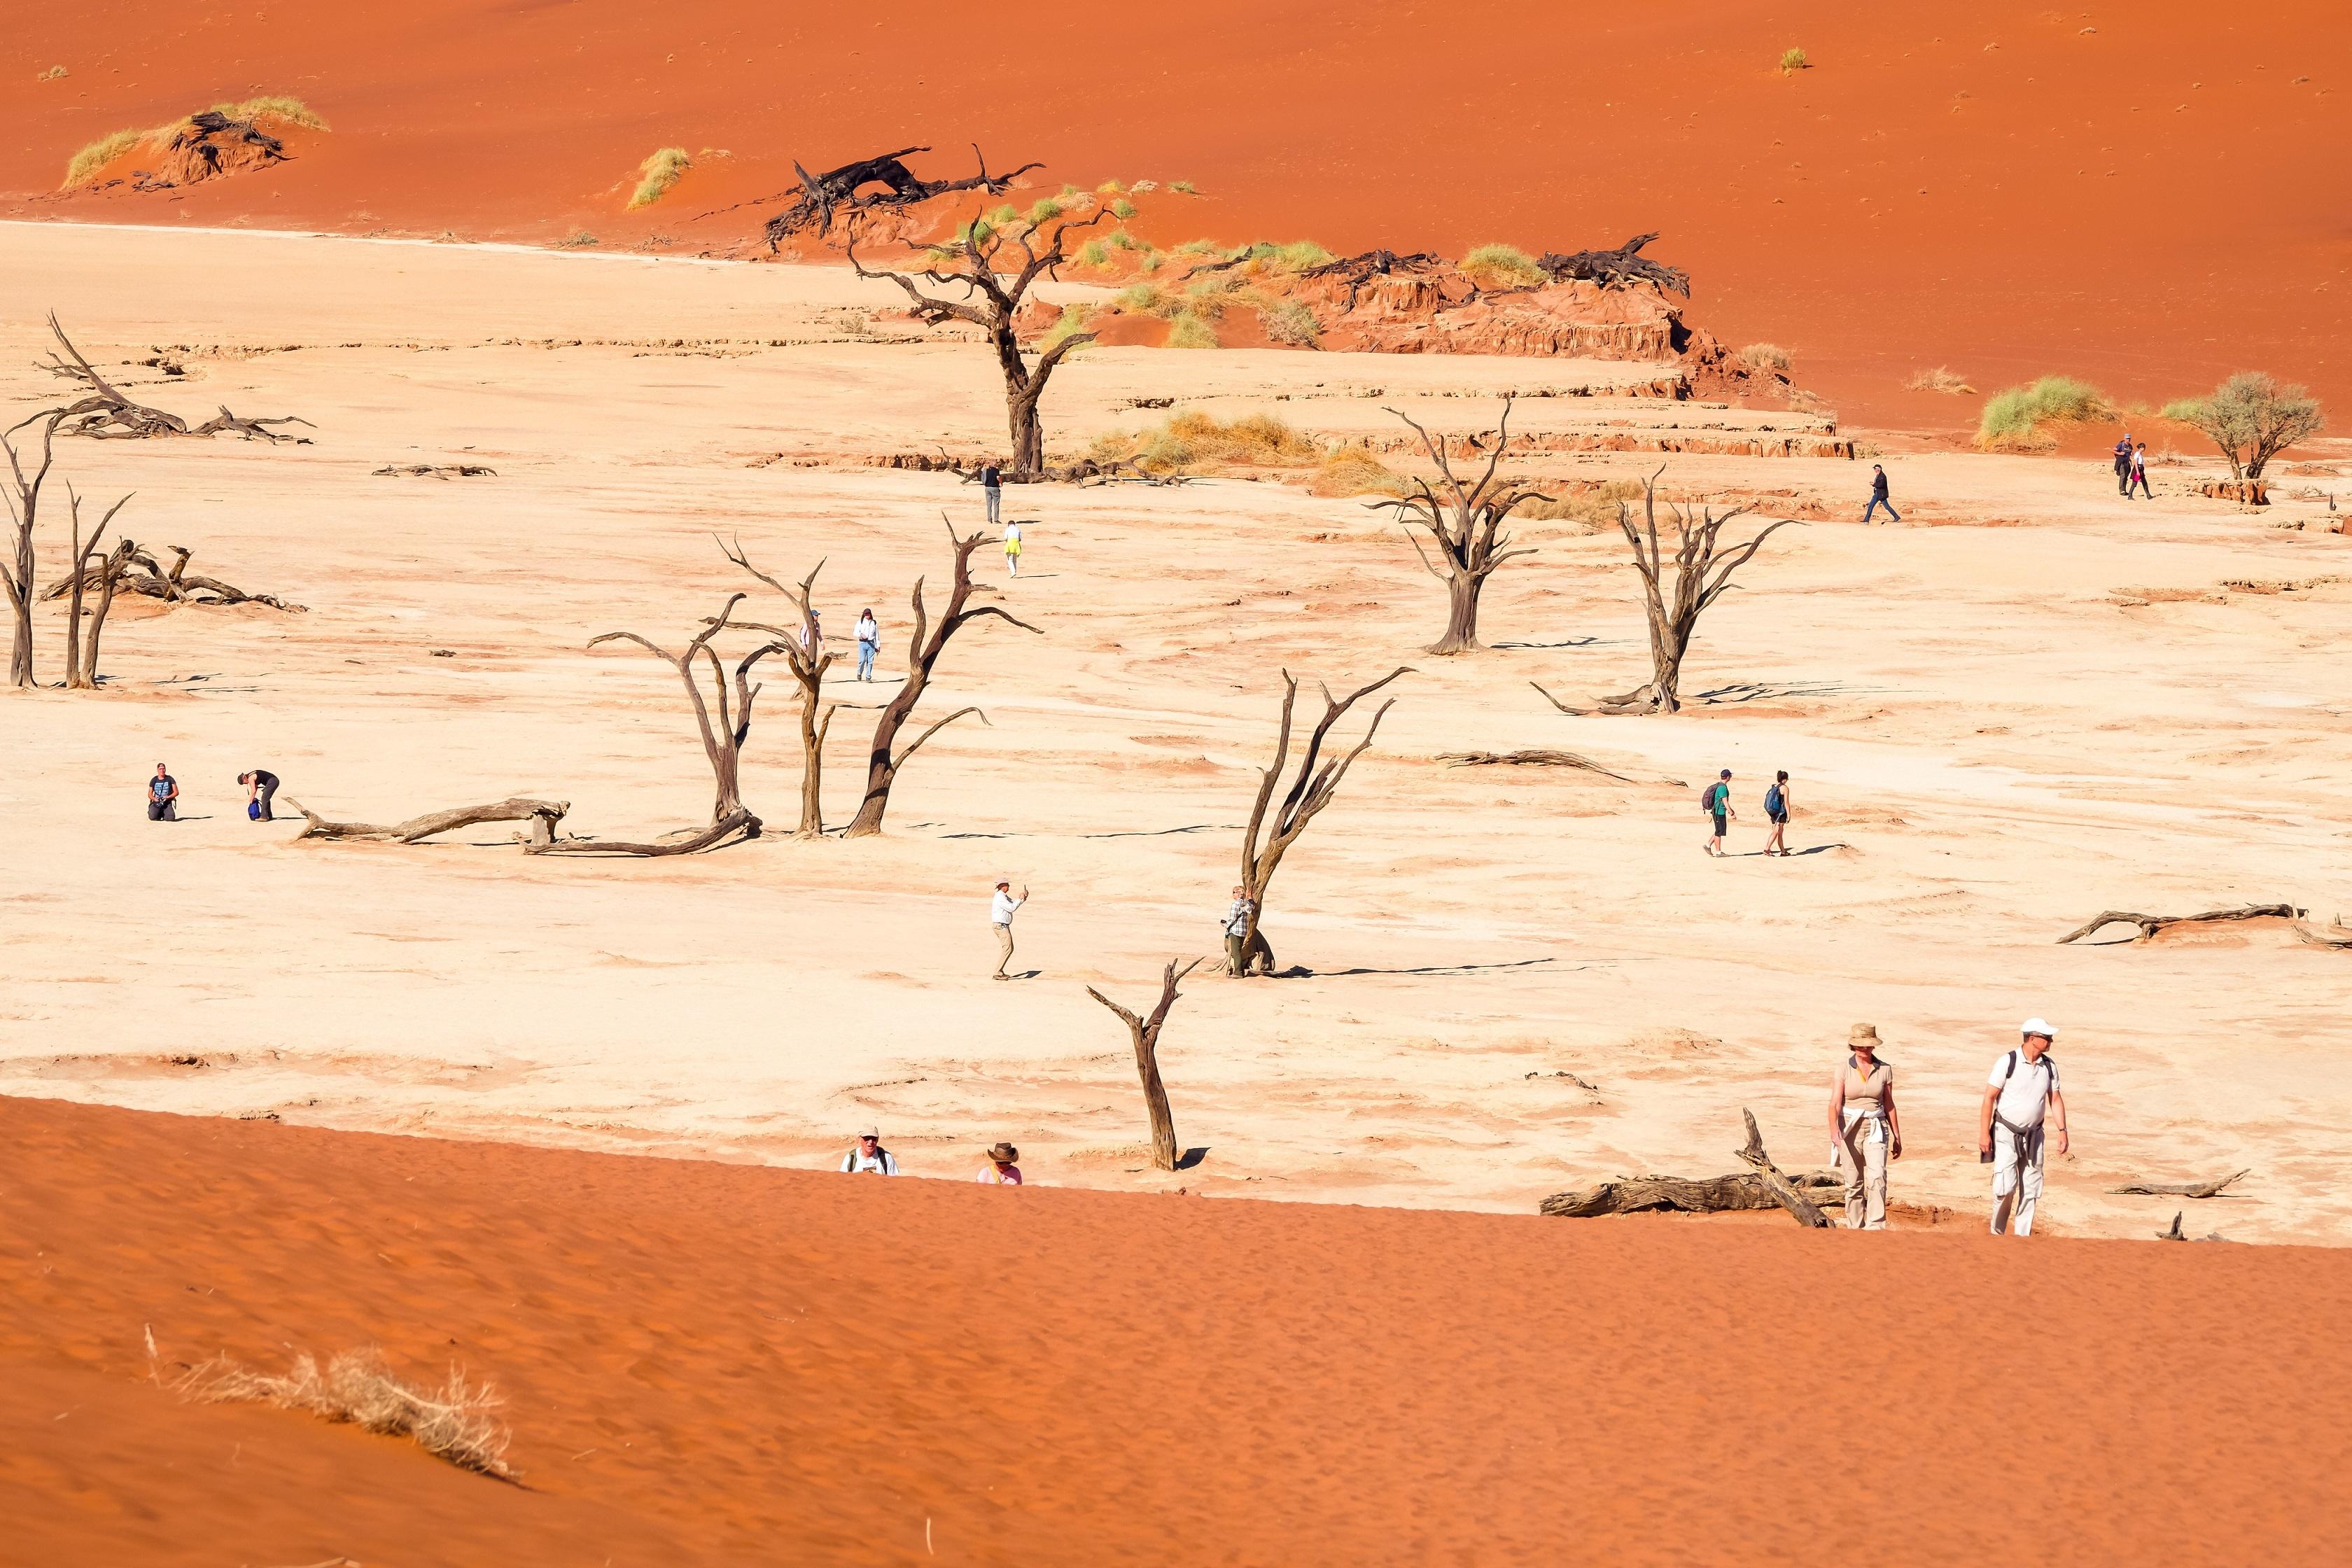 Namibia - den tham thung lung chet, thanh pho ma va dieu khong tuong hinh anh 6